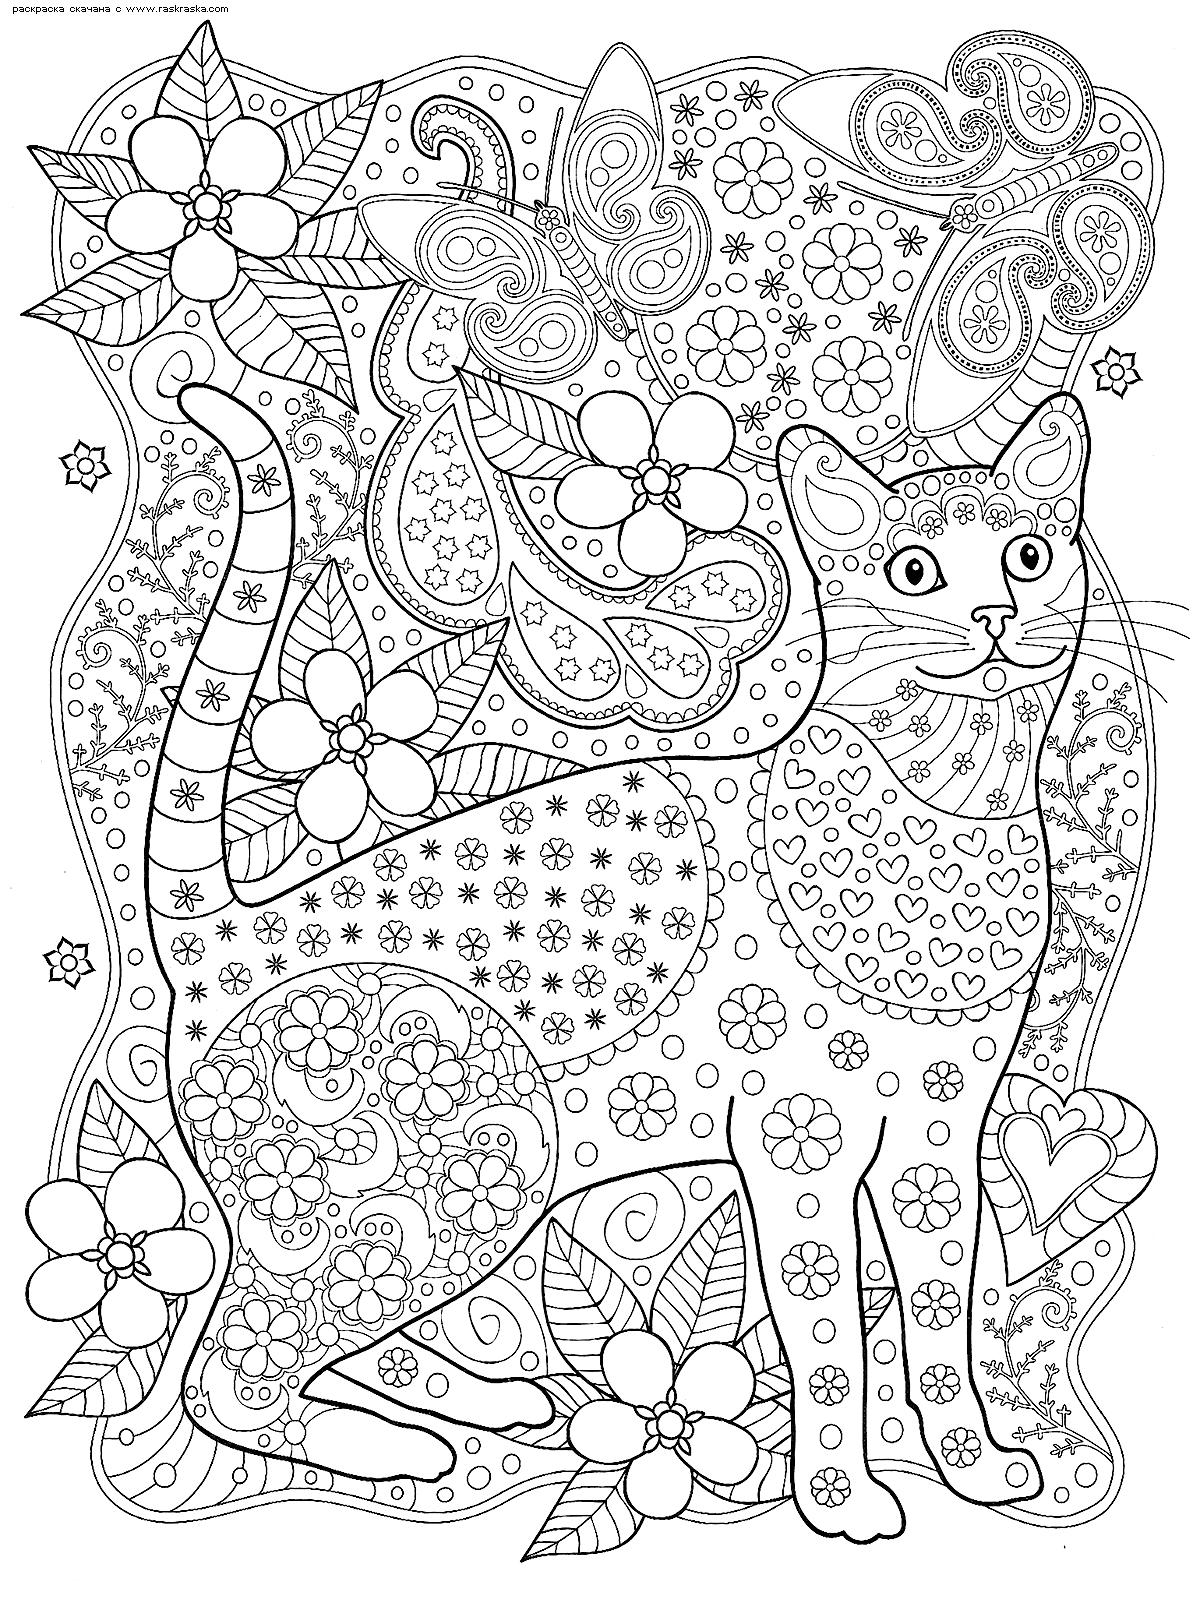 Раскраска Кот и бабочки. Раскраска кот, антистресс